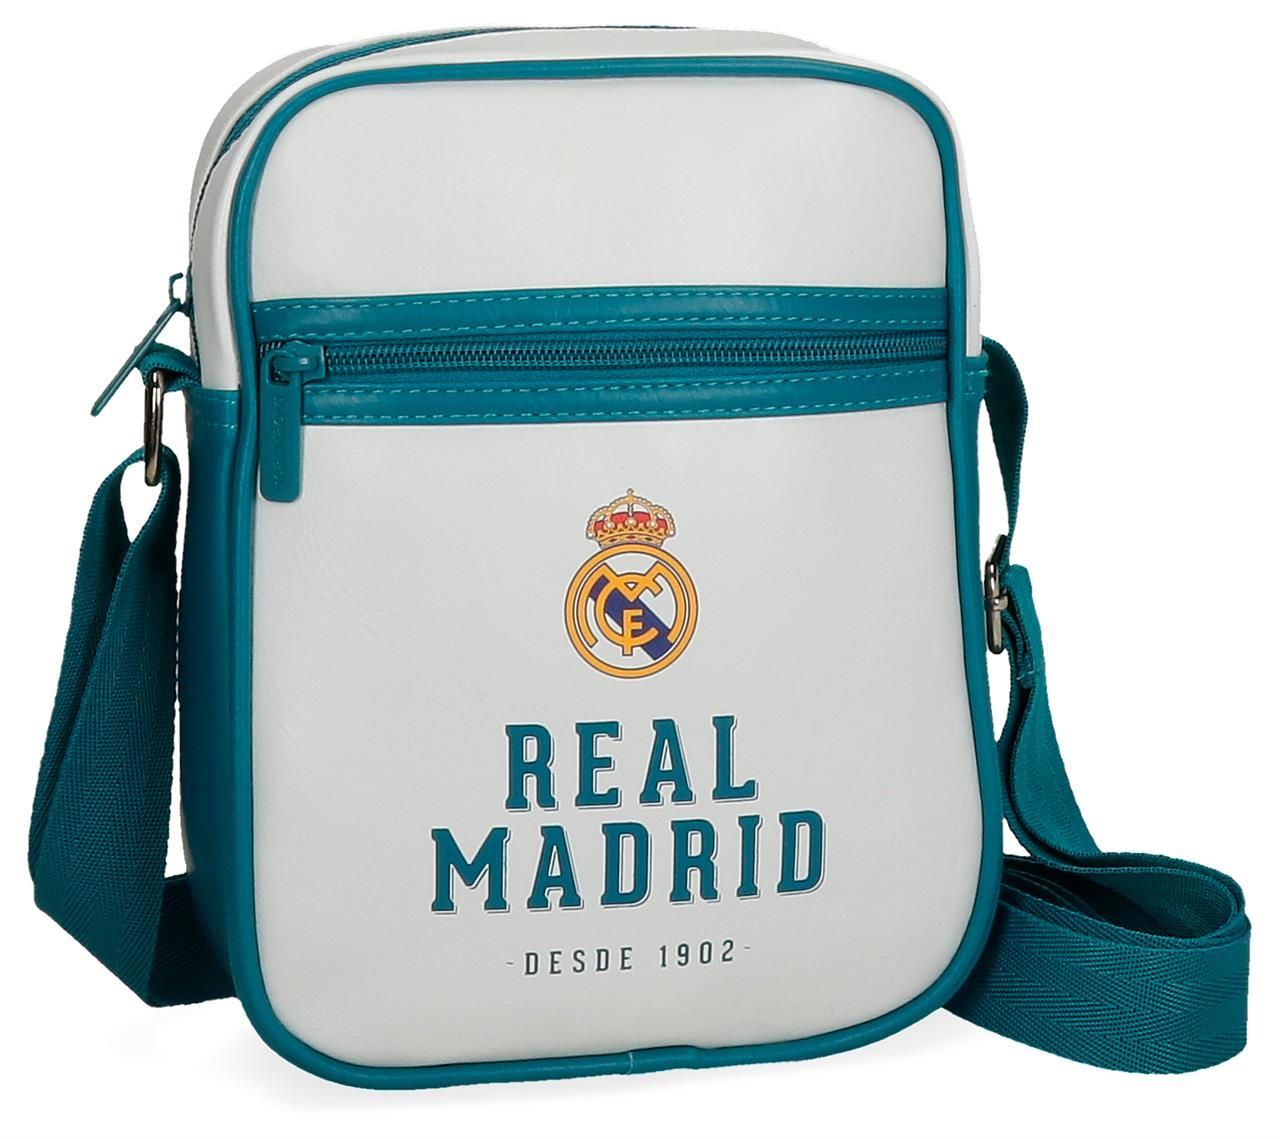 73cf84c75b3dd Joumma Bags Torebka na ramię Real Madryt - 7674035111 - oficjalne ...